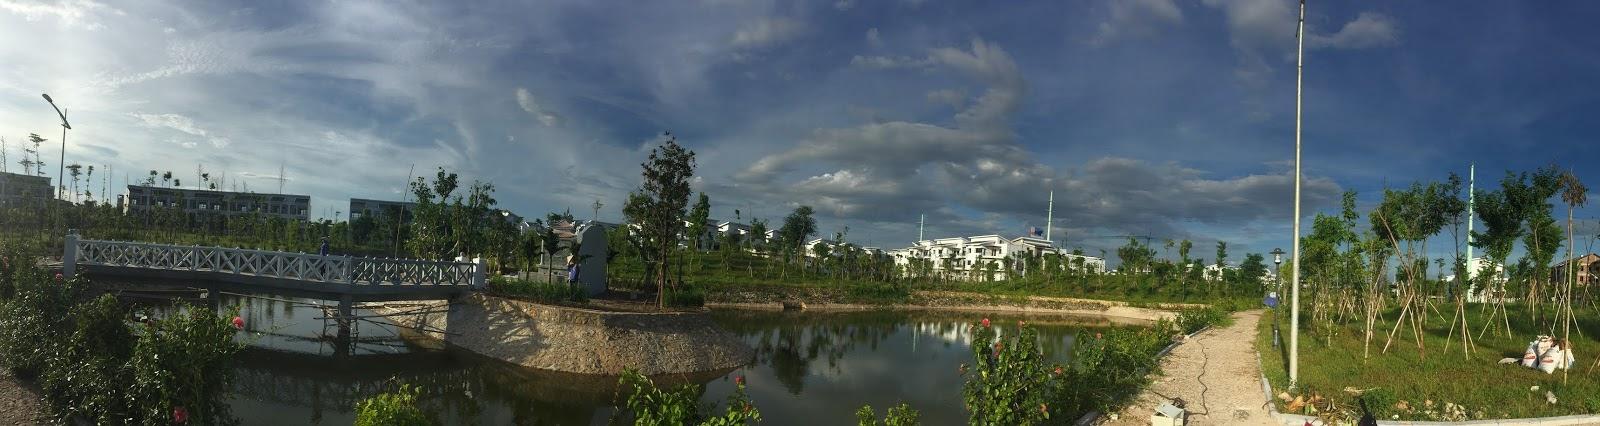 hồ sinh thái xuân phương tasco